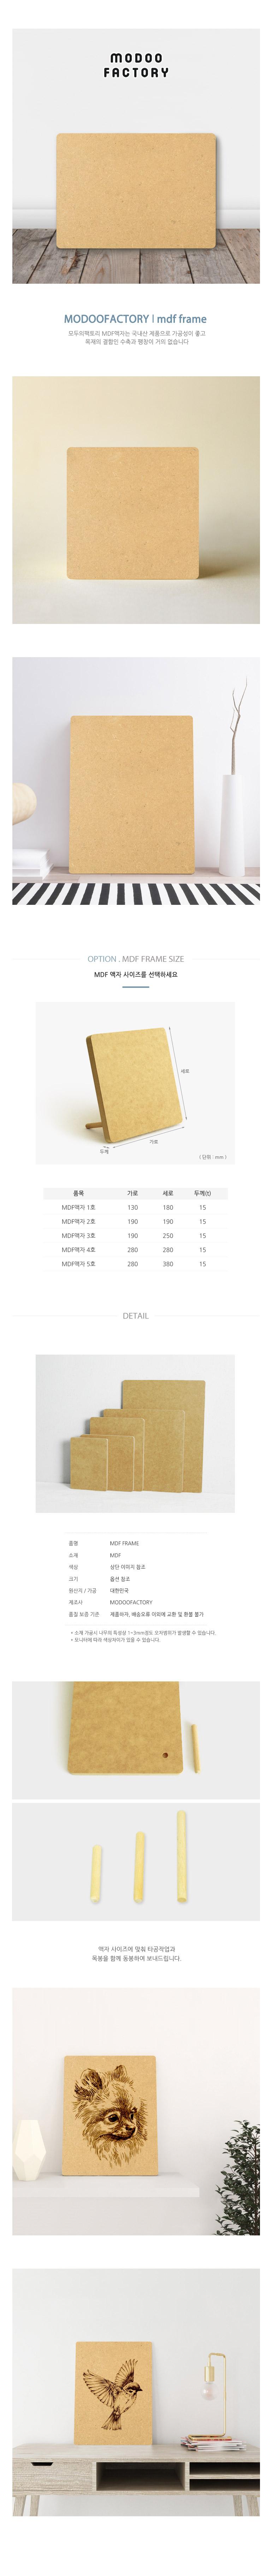 우드버닝 MDF액자 1호~5호(무지) 액자 - 모두의 팩토리, 2,100원, 액자, 심플액자